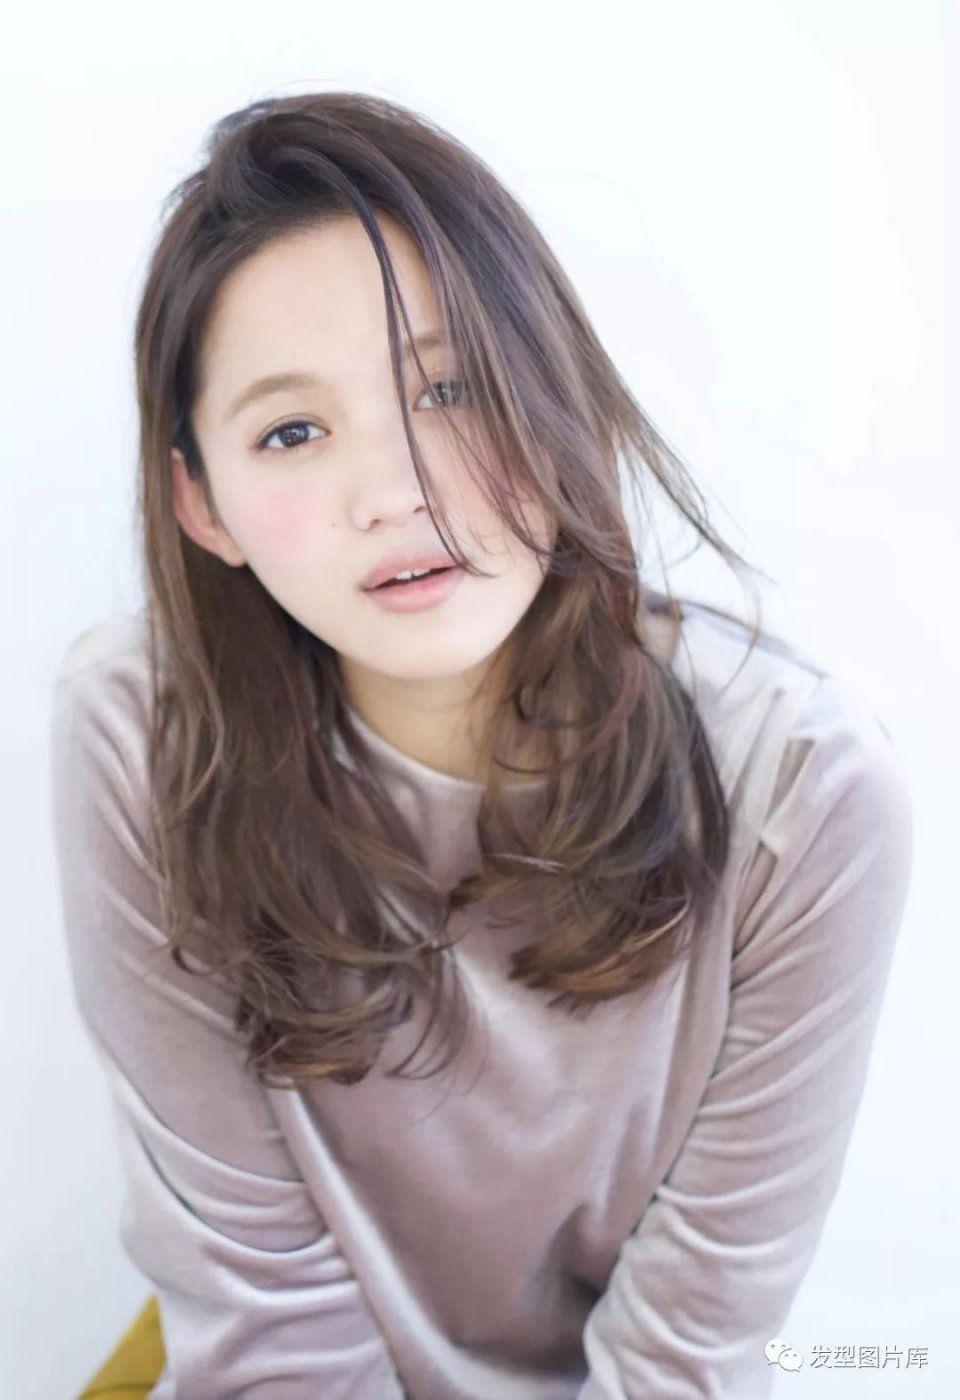 春节,发型剪女生不显老?女图片刘海短发烫发空气发型图片